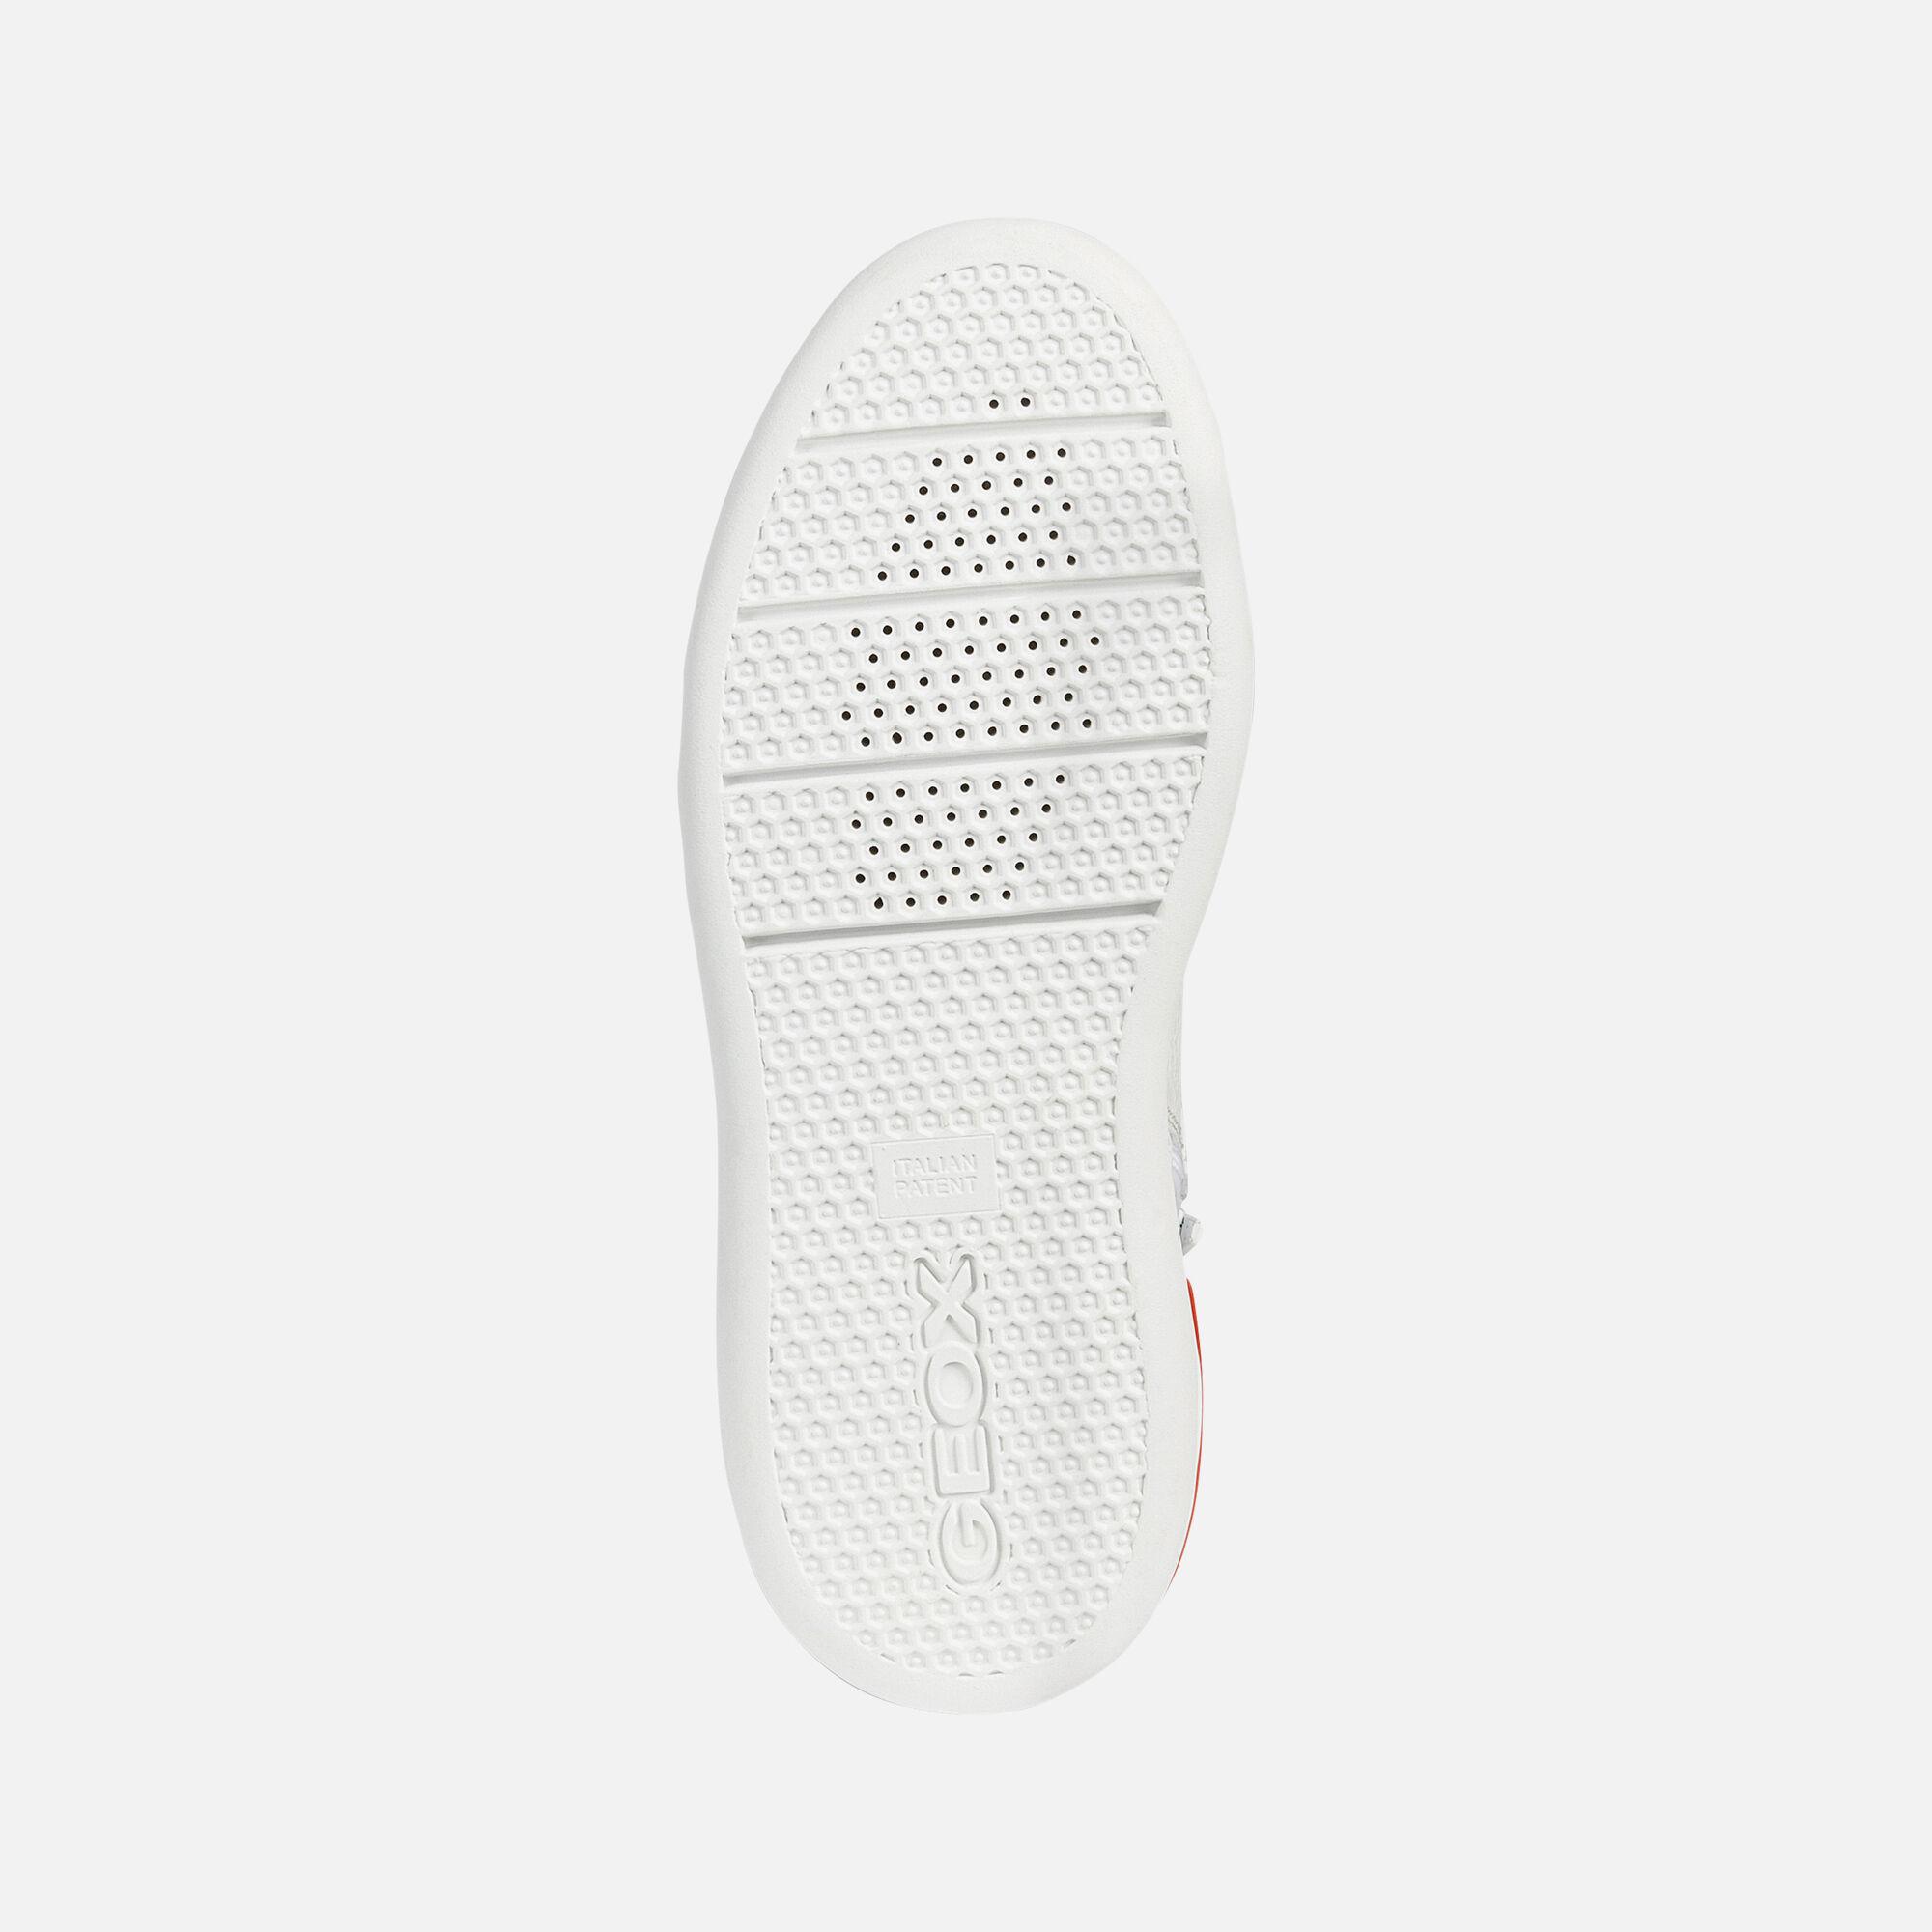 Geox women Ottaya sandals cross bands